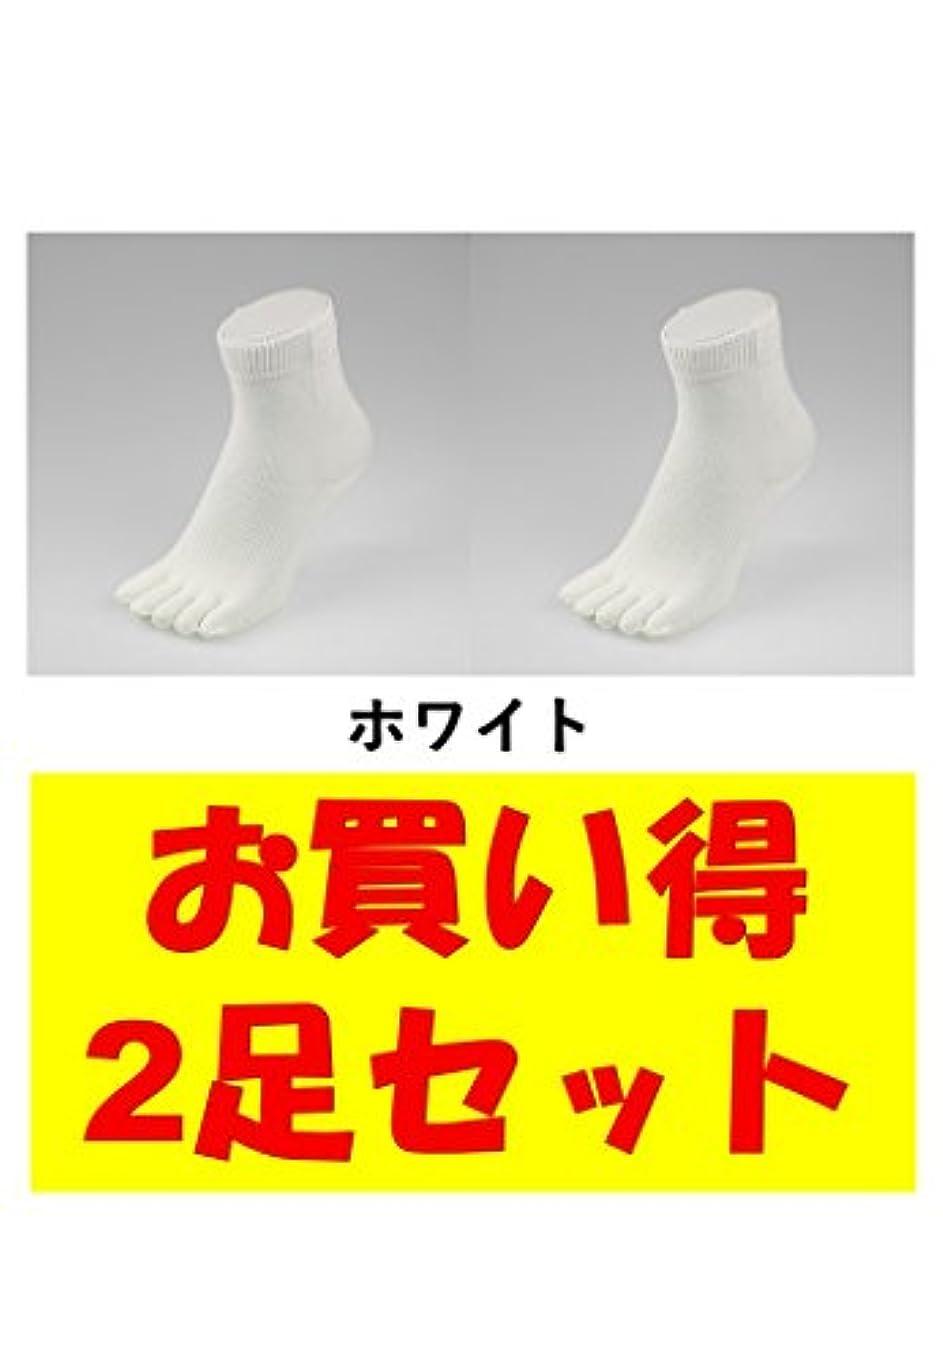 フランクワースリーフォージ予報お買い得2足セット 5本指 ゆびのばソックス Neo EVE(イヴ) ホワイト Sサイズ(21.0cm - 24.0cm) YSNEVE-WHT